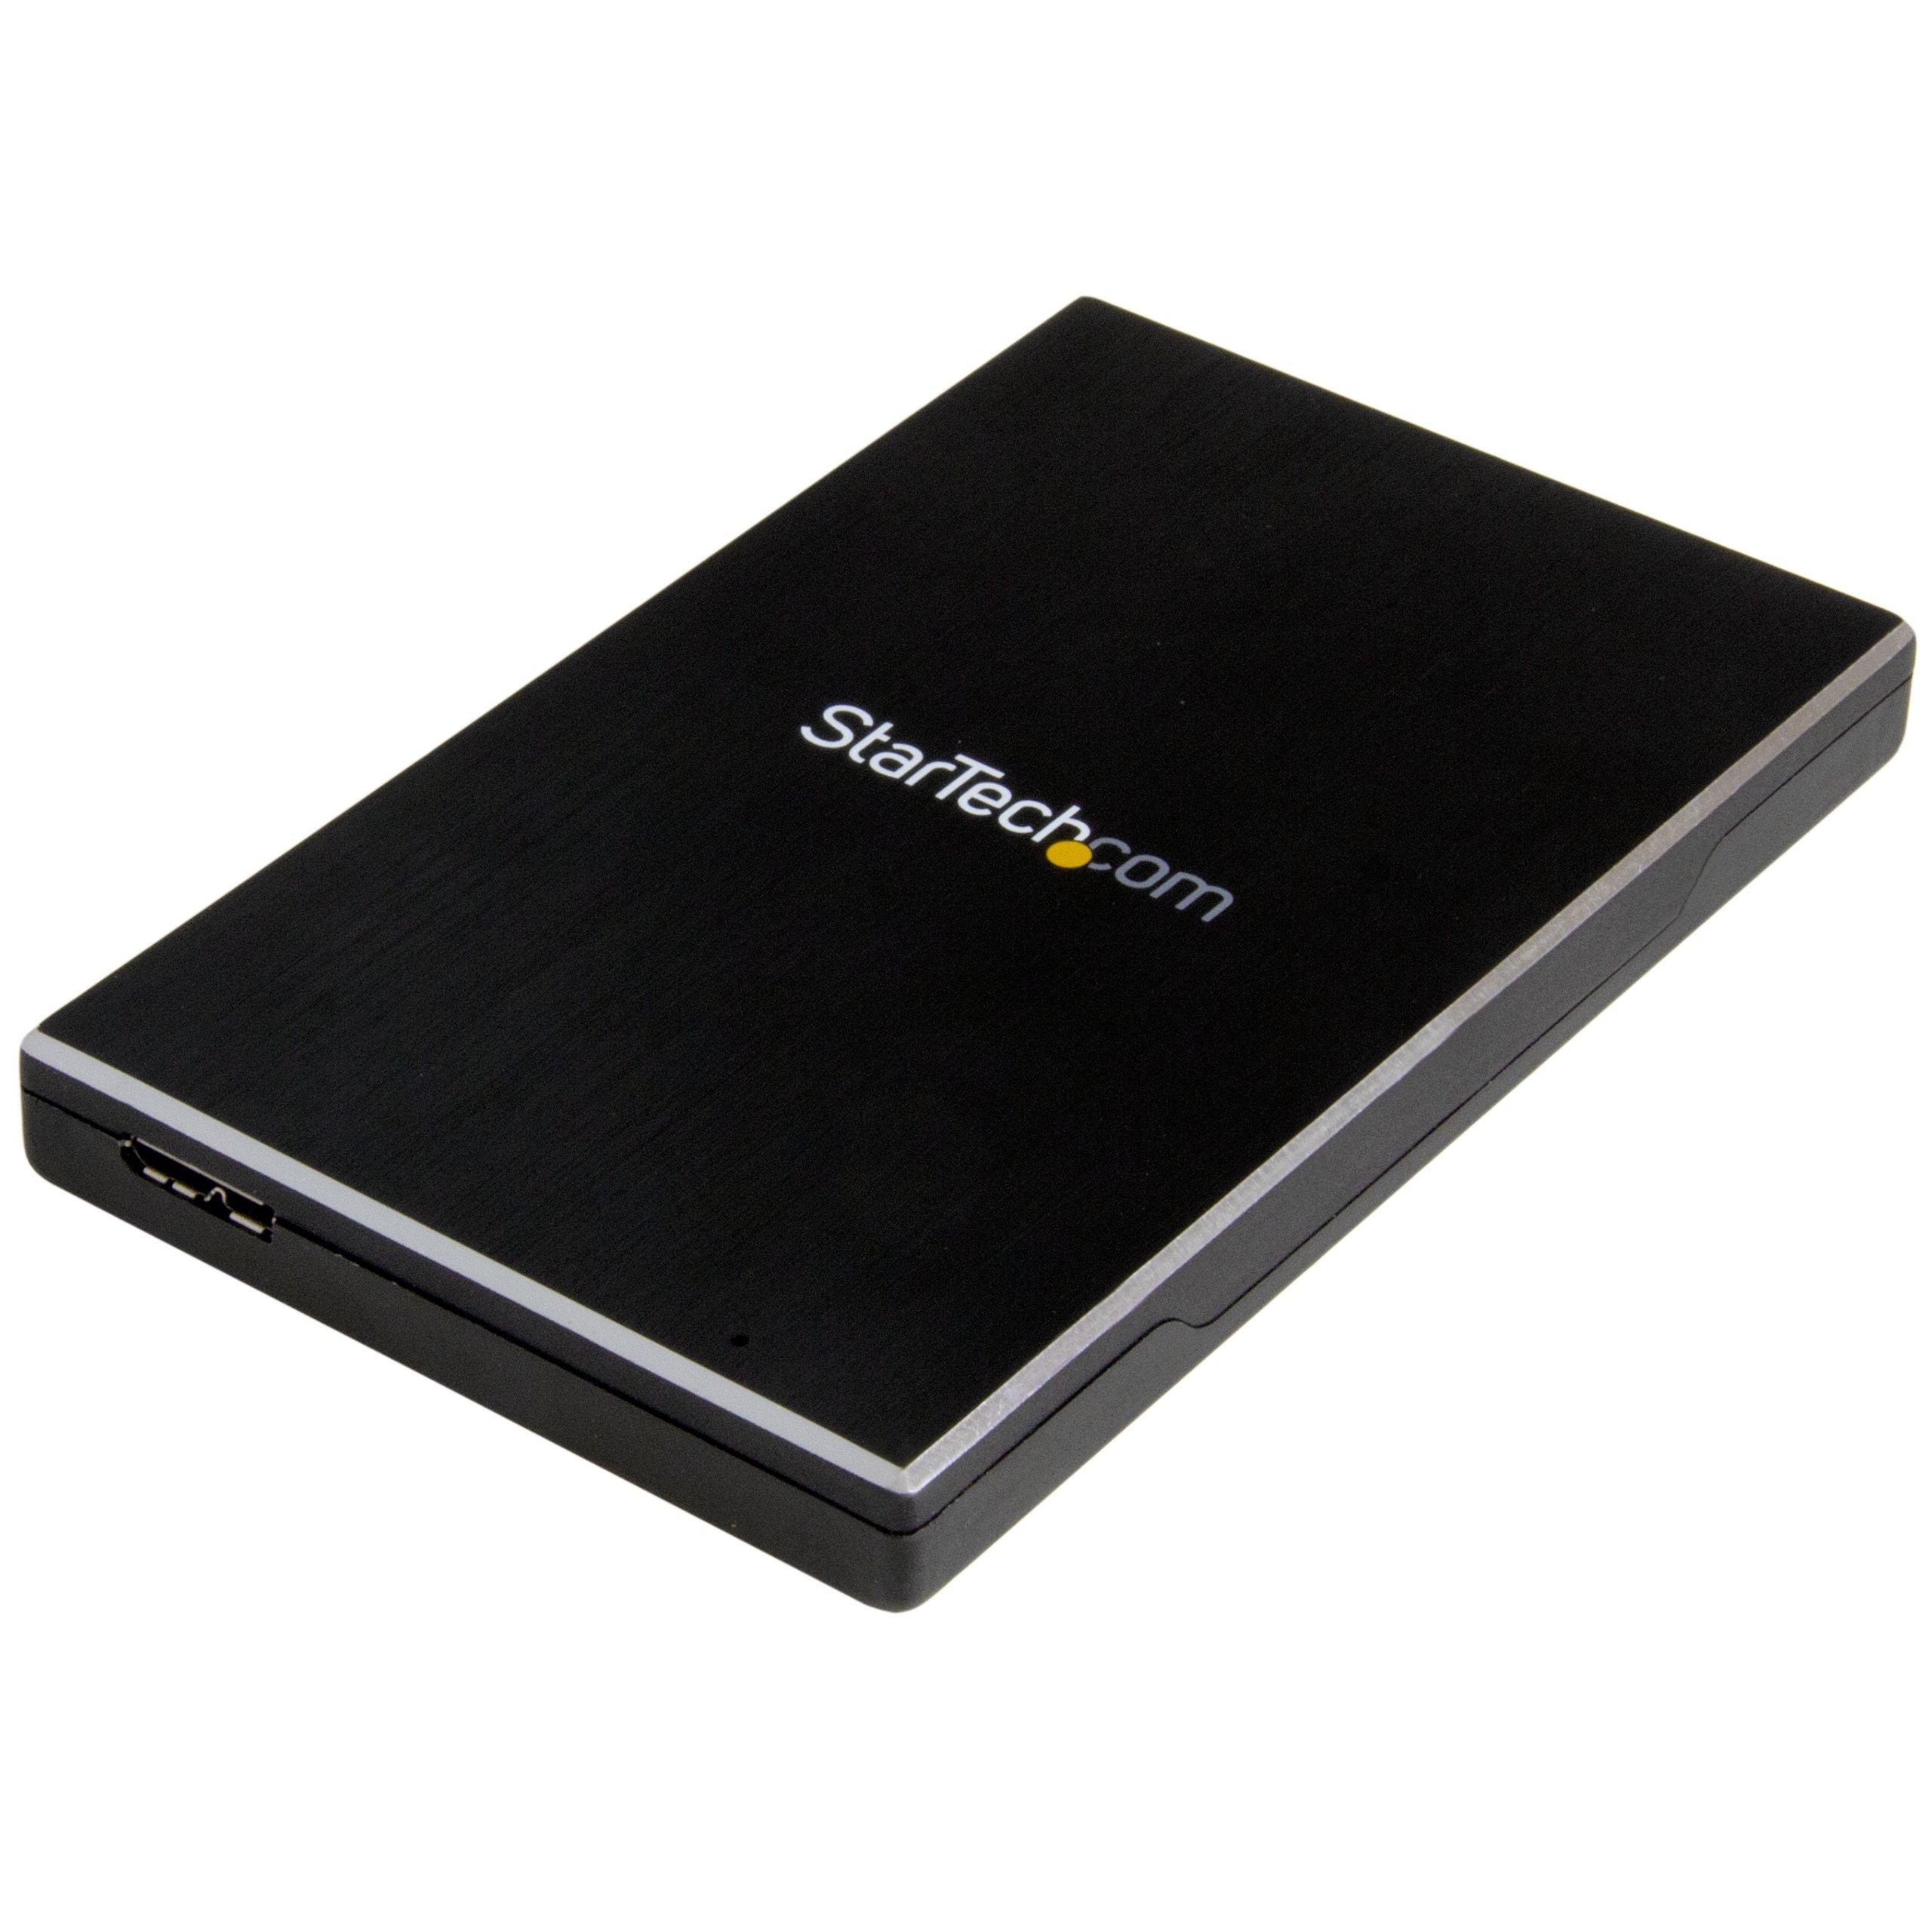 StarTech.com S251BMU313 2.5'' External Hard Drive Enclosure – Supports UASP – Aluminum – USB 3.1 Enclosure – SSD/HDD Enclosure